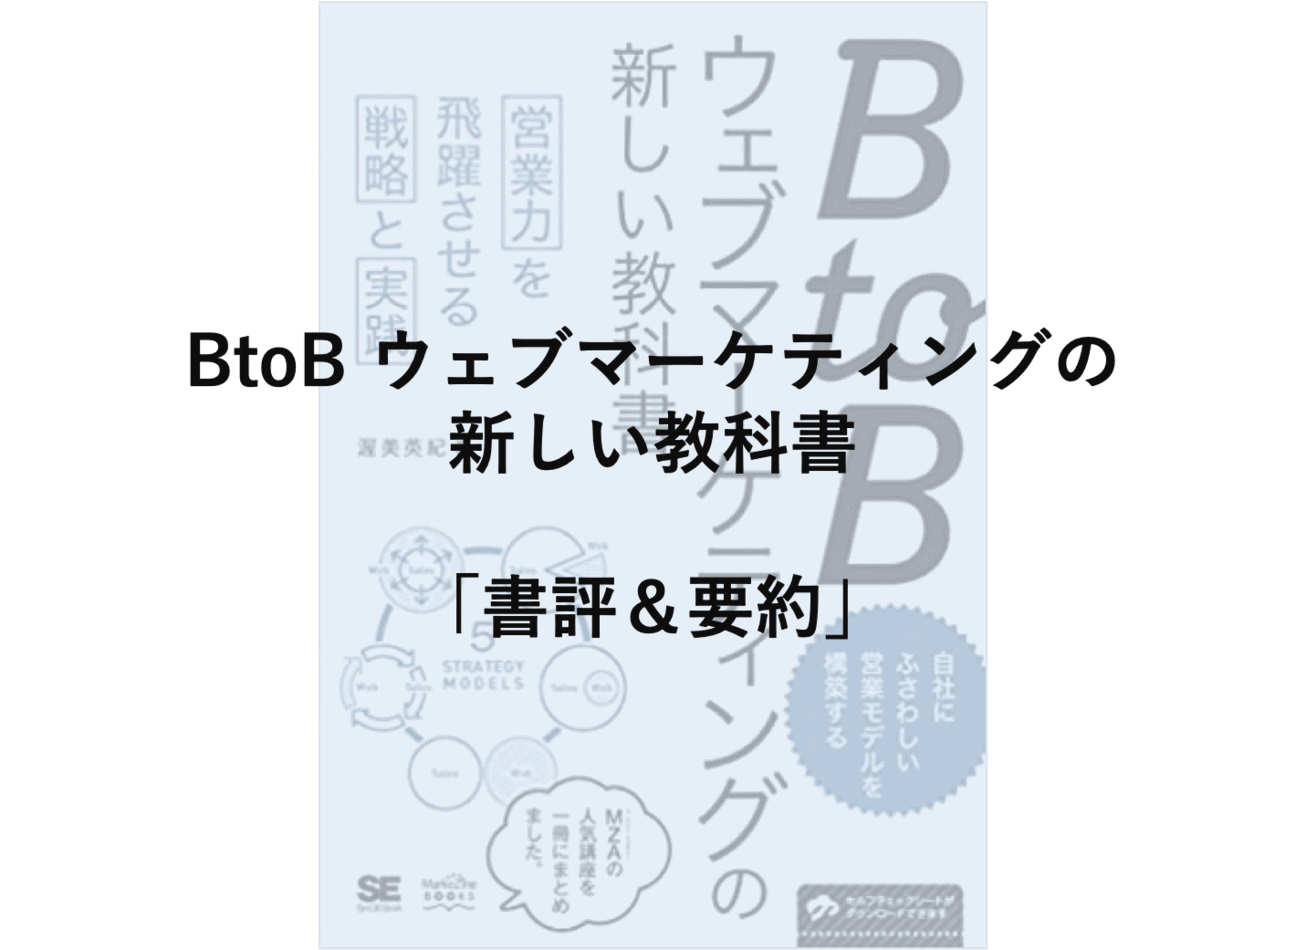 【書評&要約】BtoBウェブマーケティングの新しい教科書【まとめ】